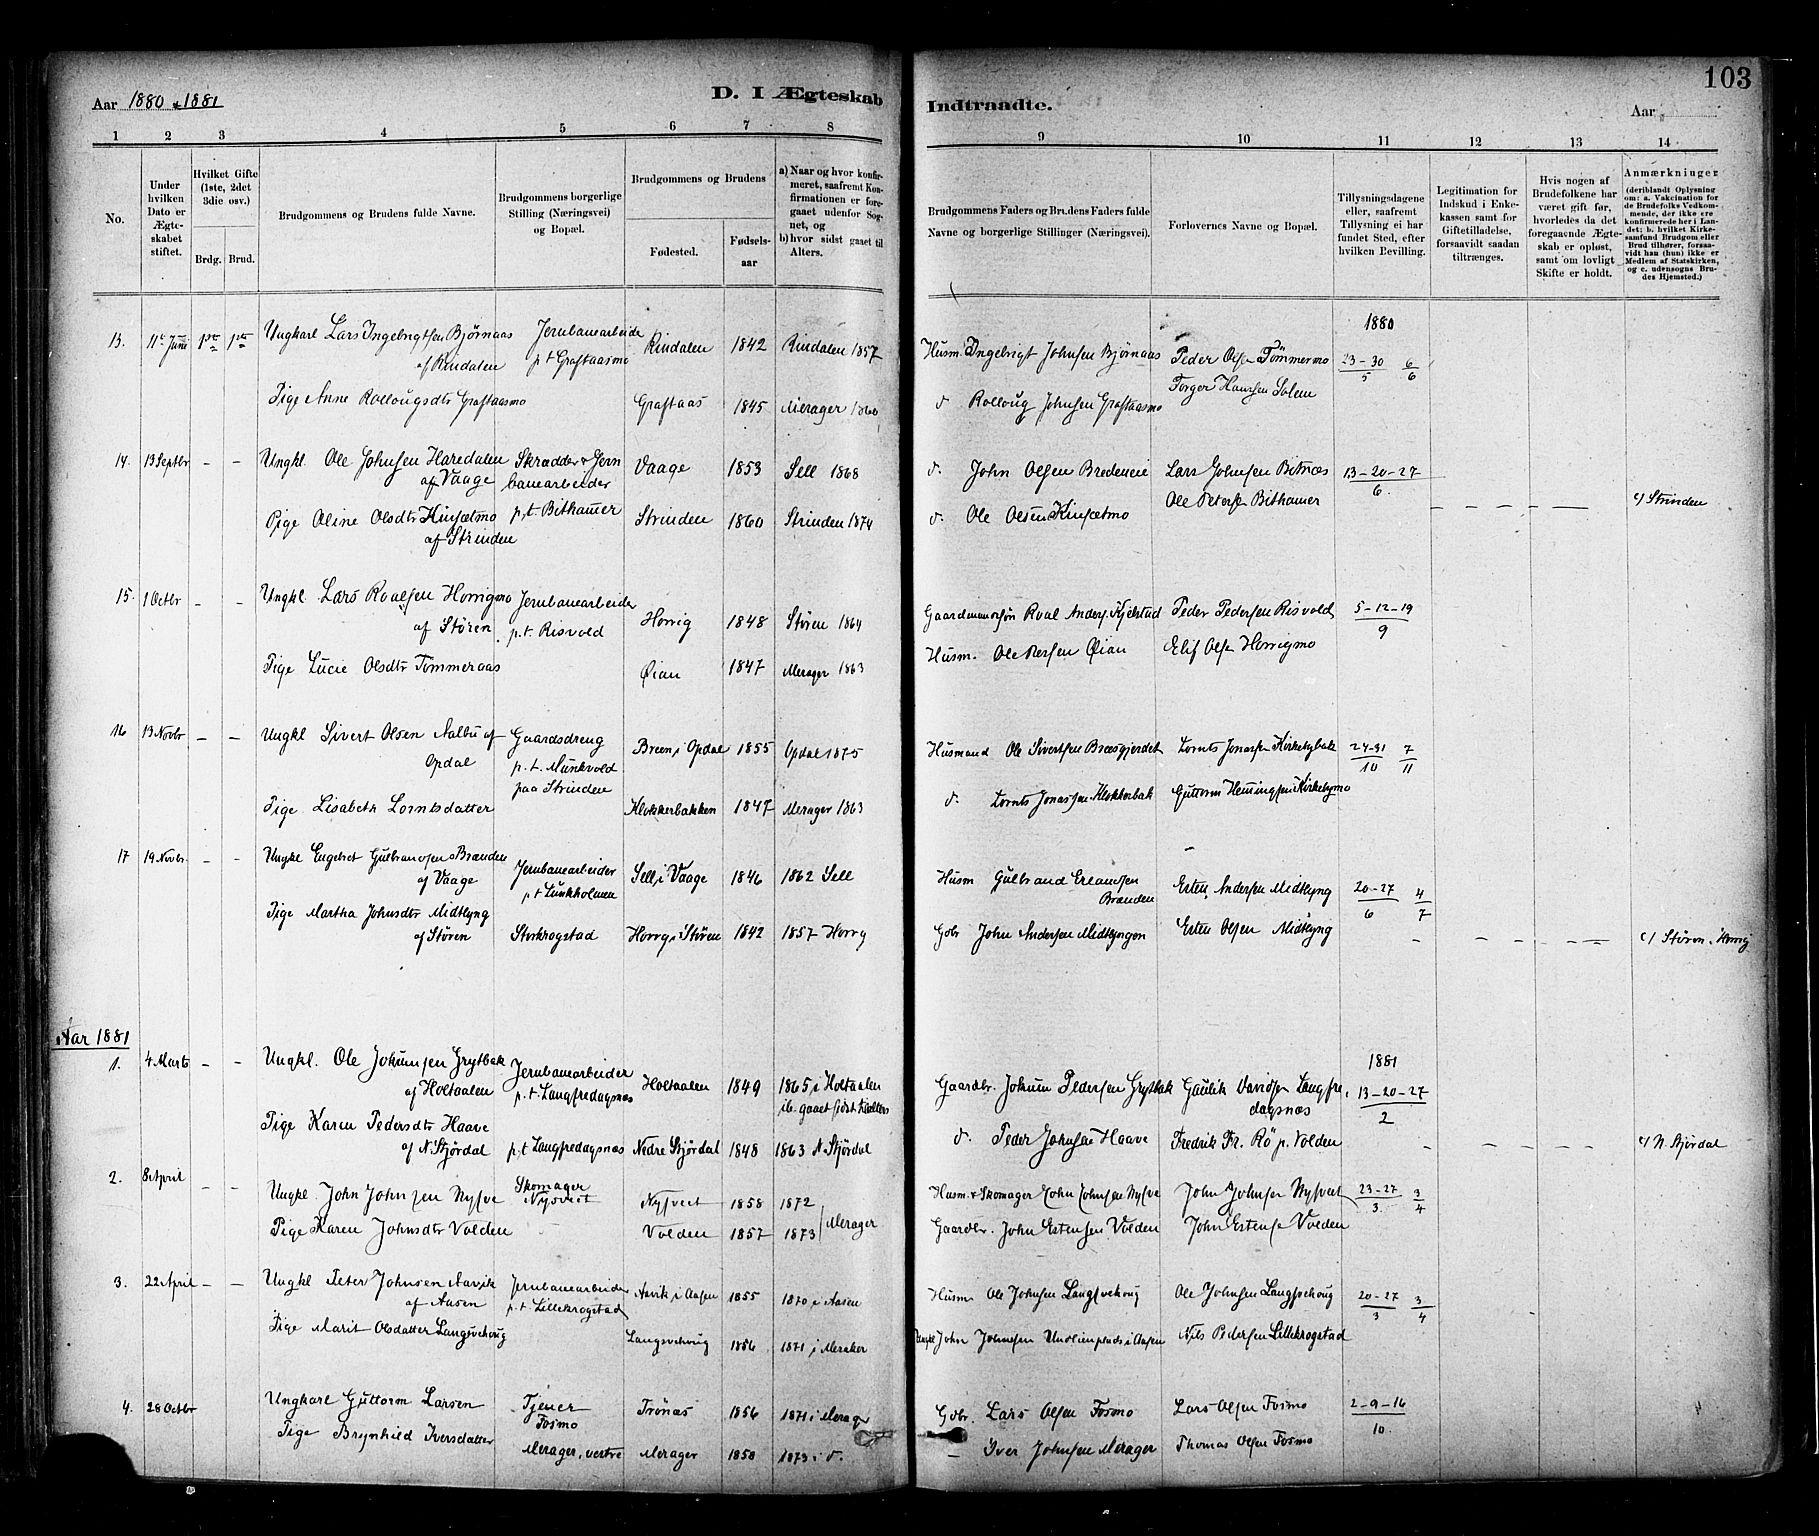 SAT, Ministerialprotokoller, klokkerbøker og fødselsregistre - Nord-Trøndelag, 706/L0047: Parish register (official) no. 706A03, 1878-1892, p. 103